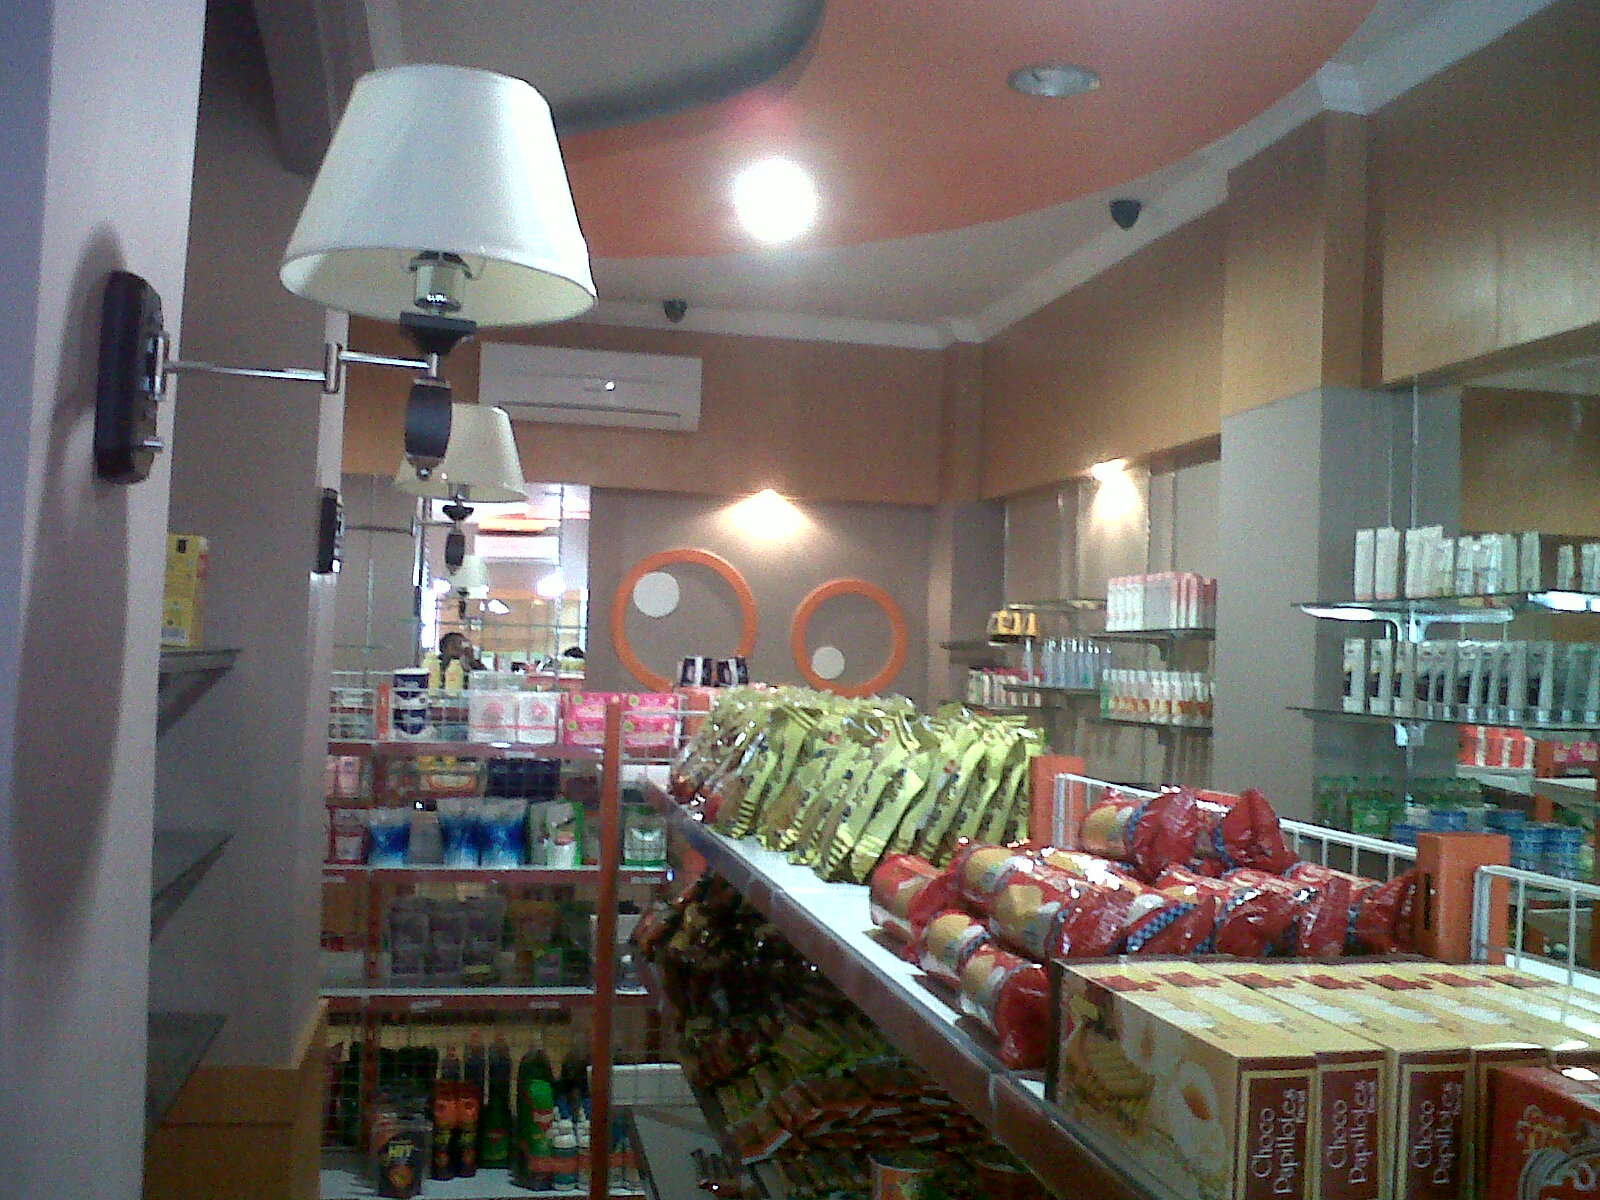 Rak Toko Supermarket Minimarket Meja Kasir Swalayan